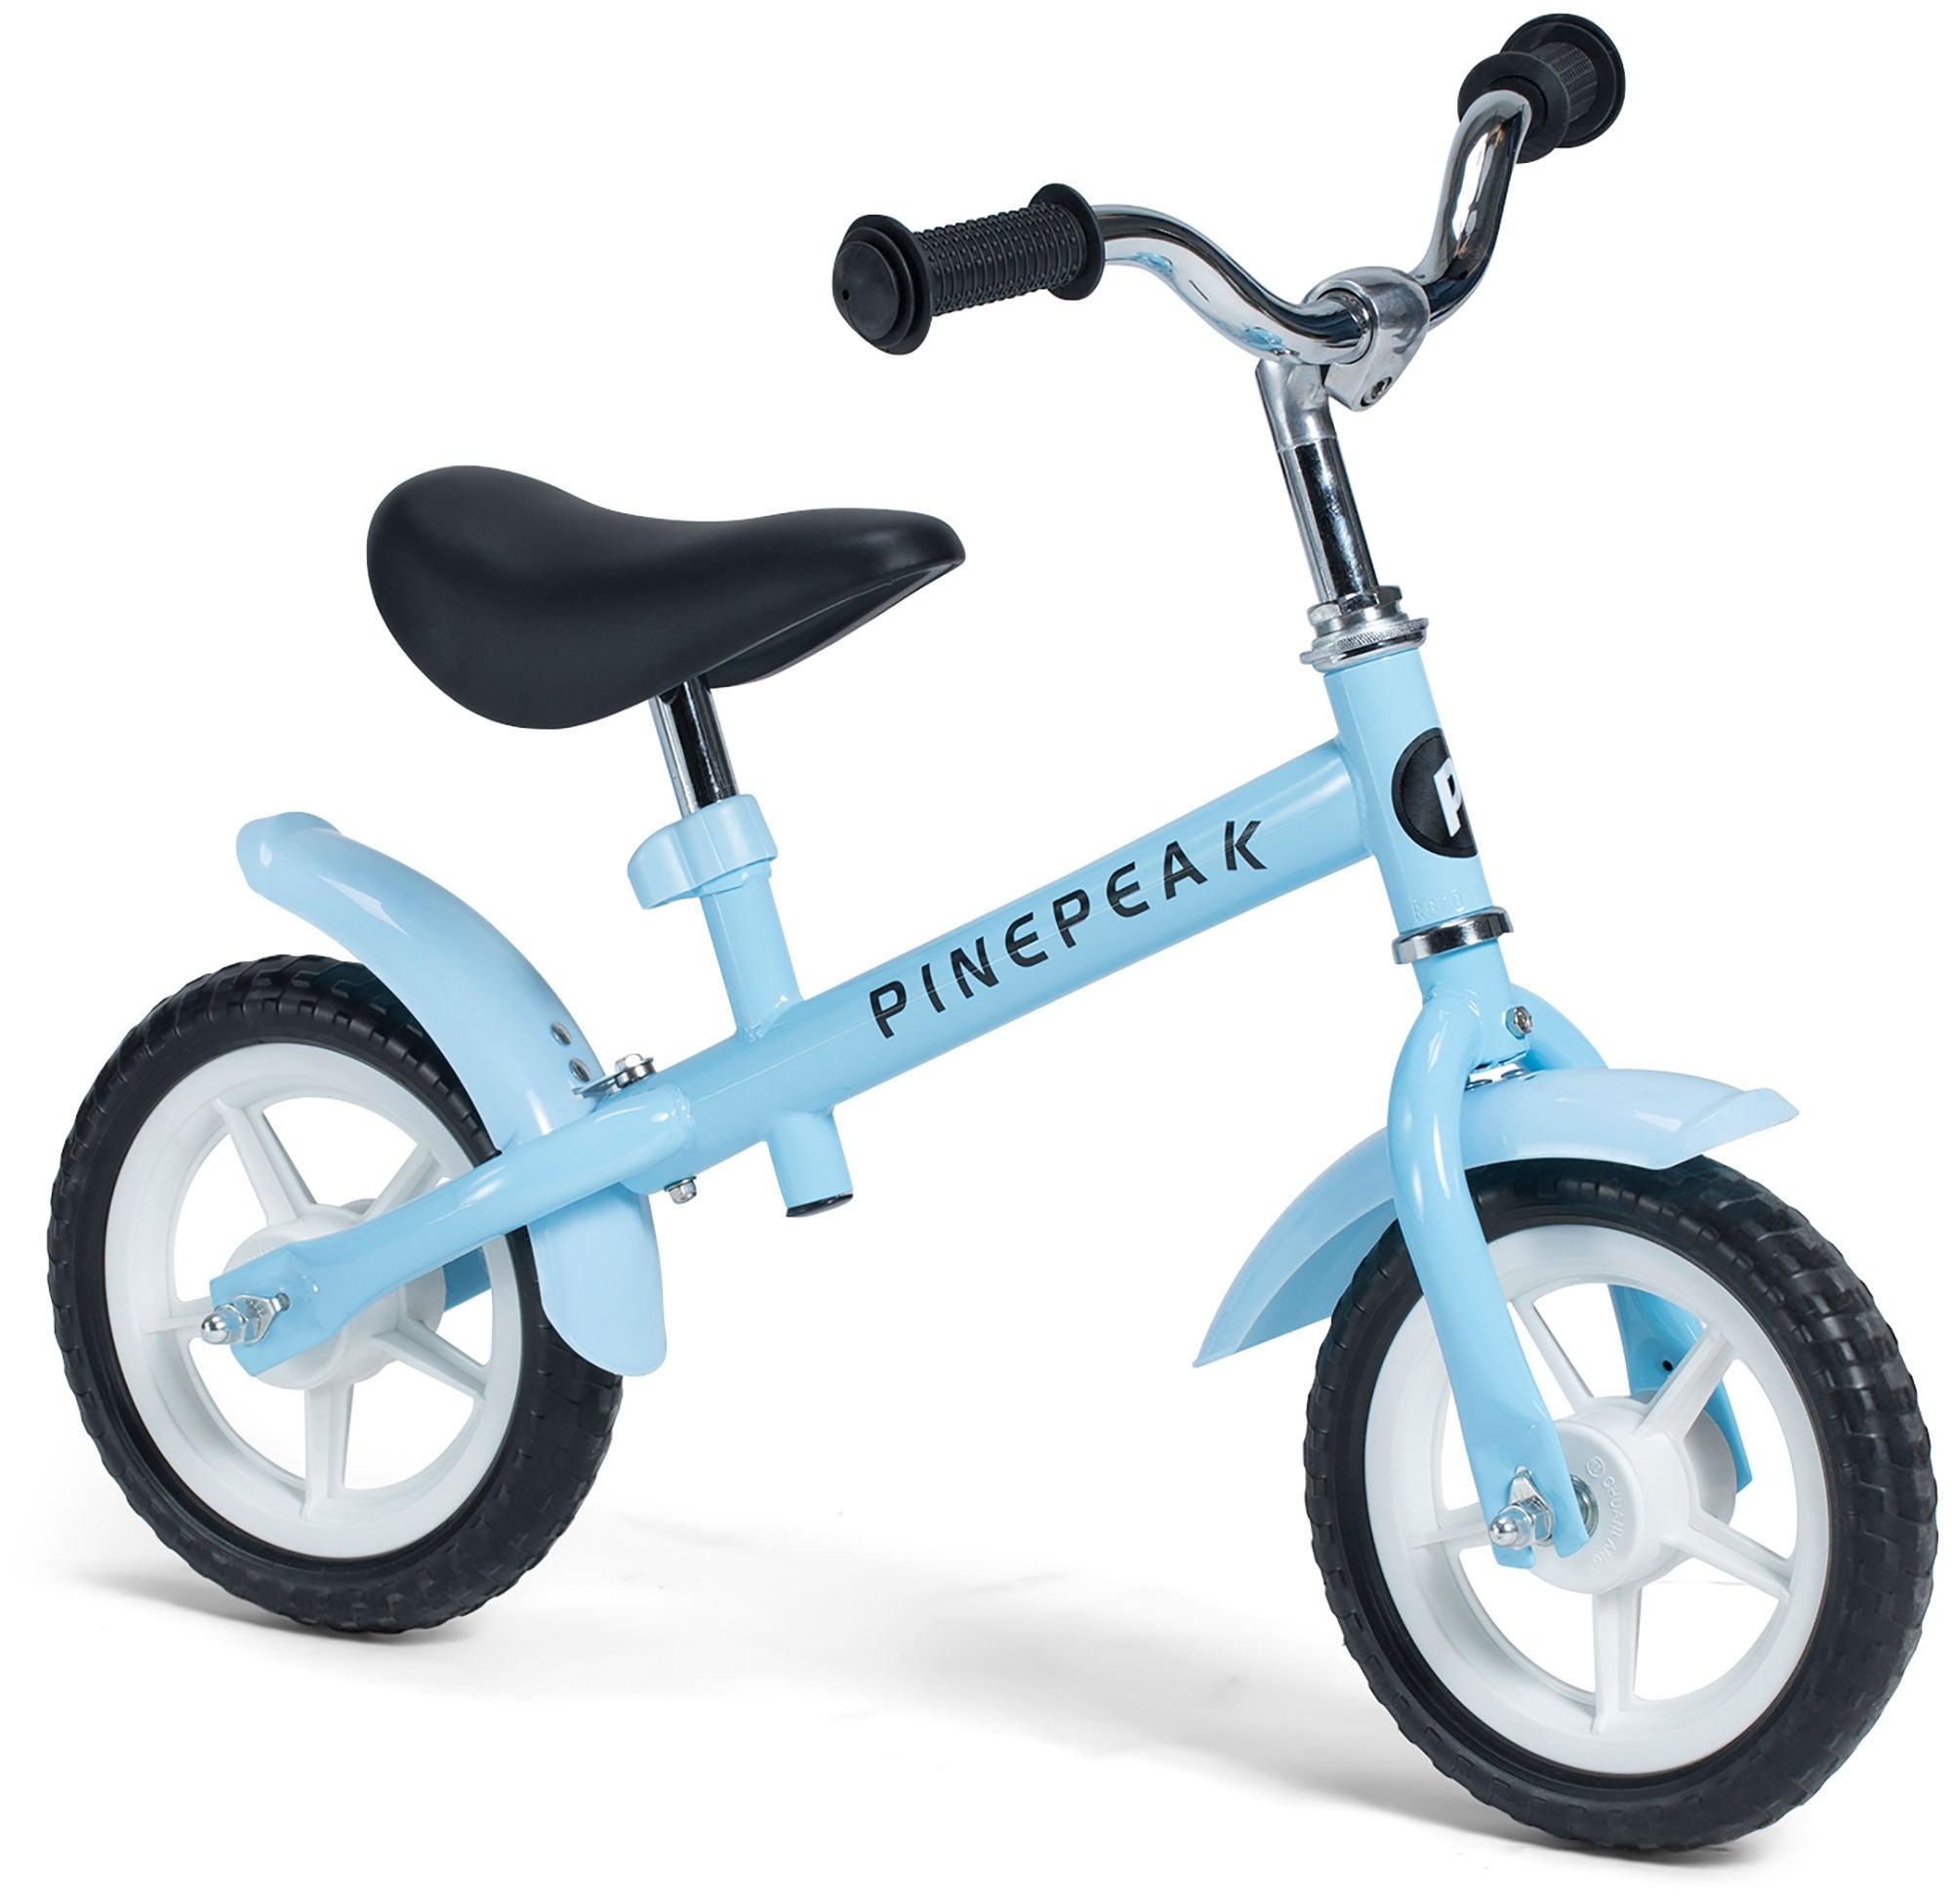 Pinepeak Springcykel Komfort 10 tum, Blå